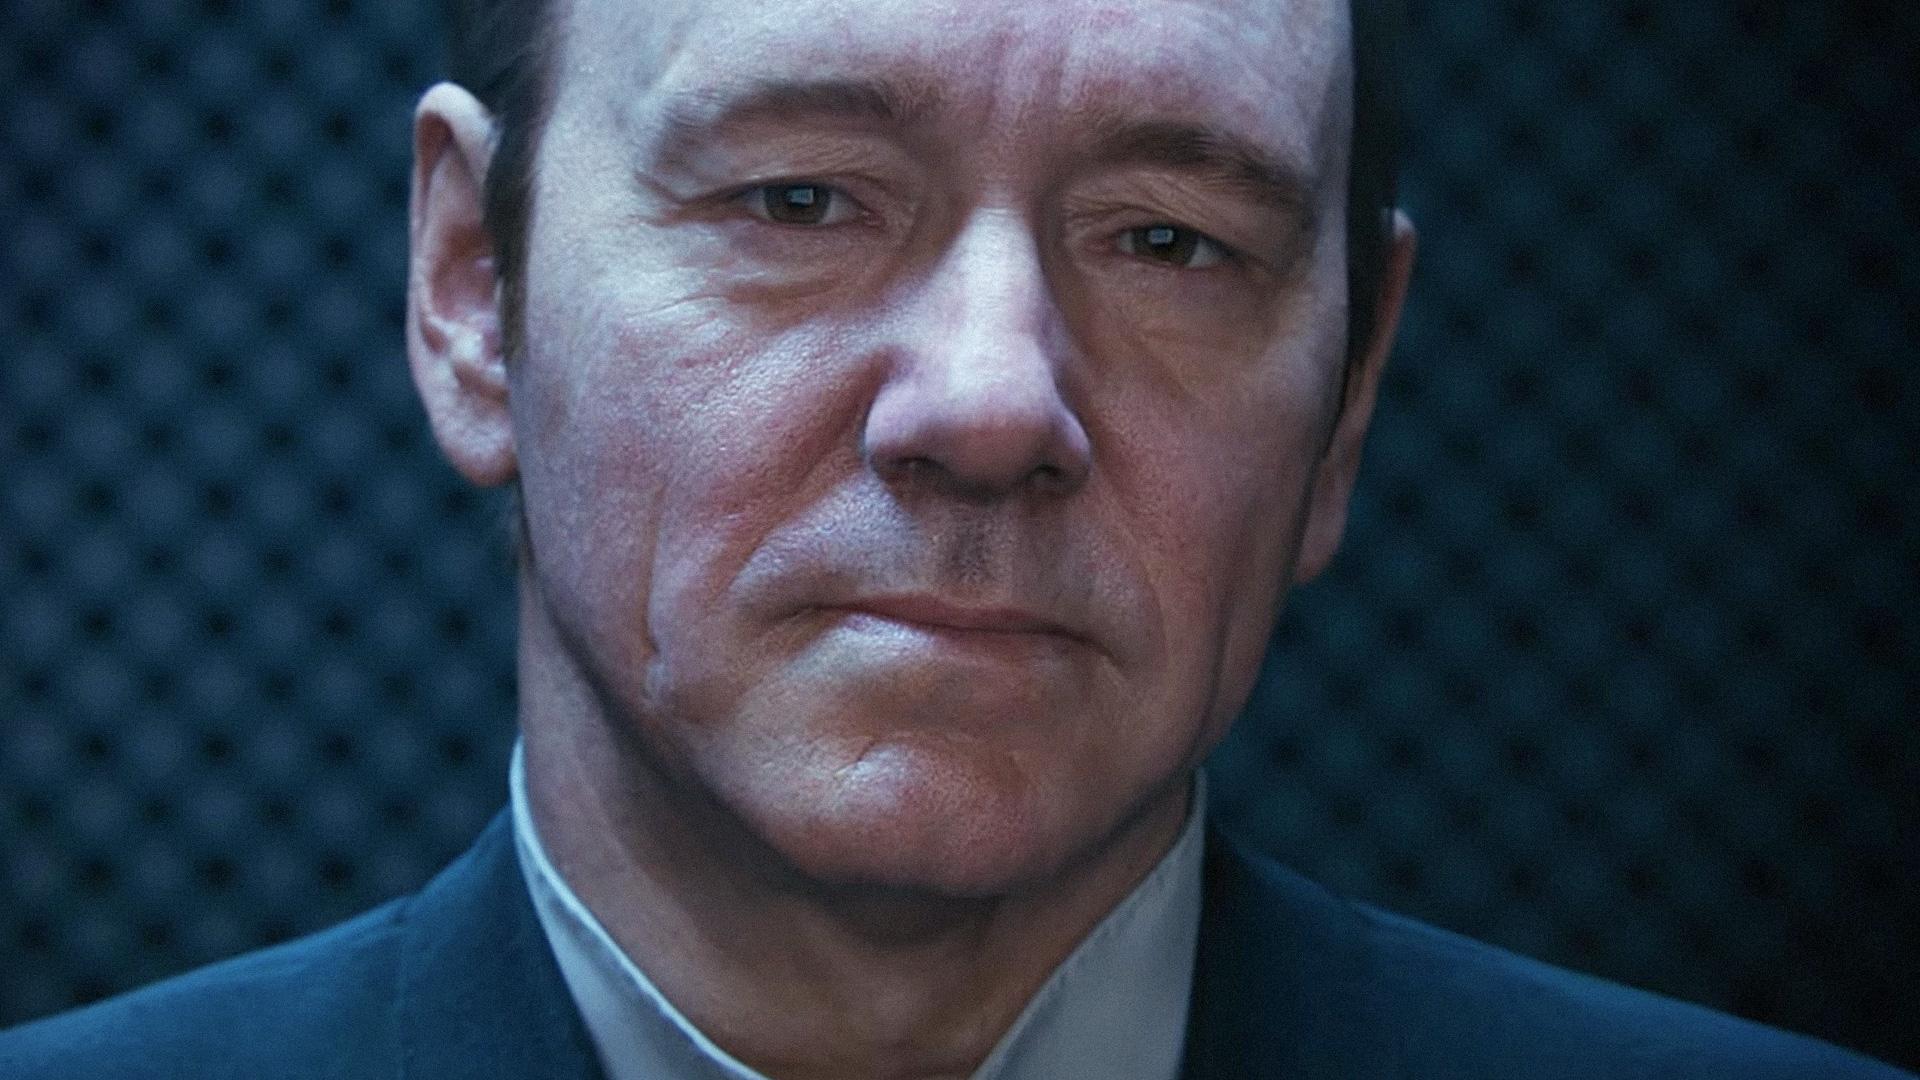 W końcu! Call of Duty: Advanced Warfare to najlepsza odsłona serii od 4 lat – recenzja Spider's Web